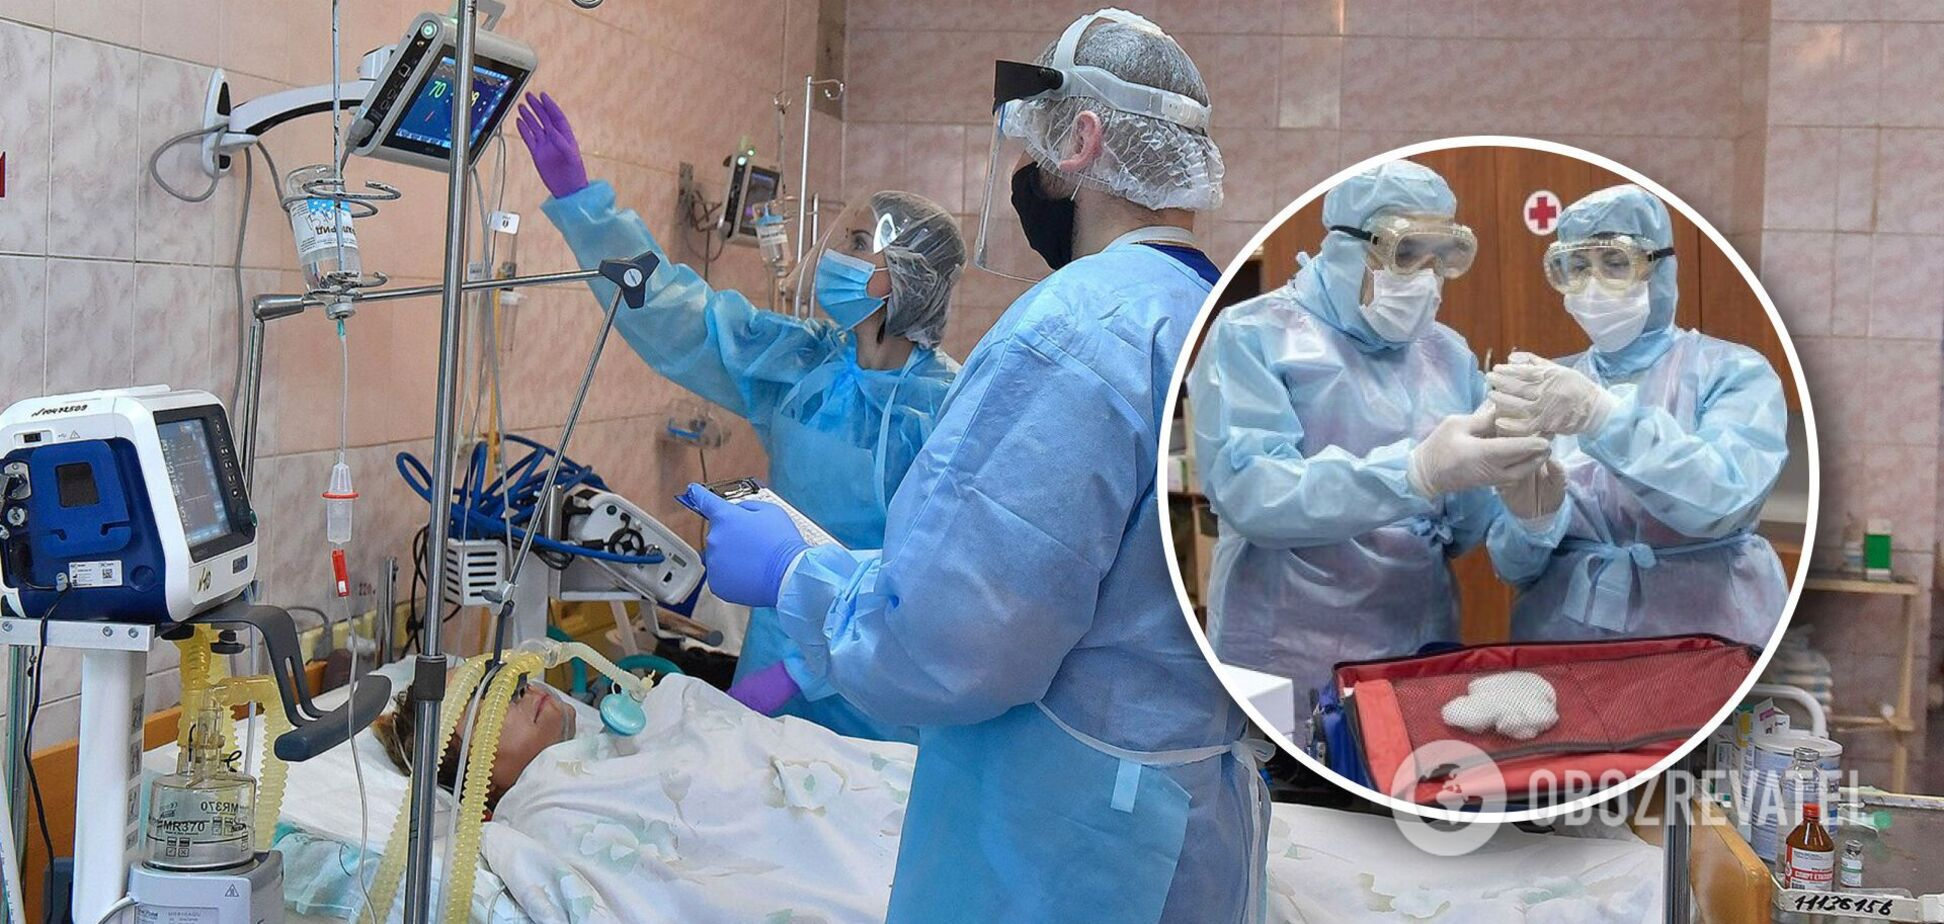 'Больные кричат, у них истерика': врачи и пациенты откровенно рассказали о ситуации с COVID-19 на Николаевщине. Эксклюзив